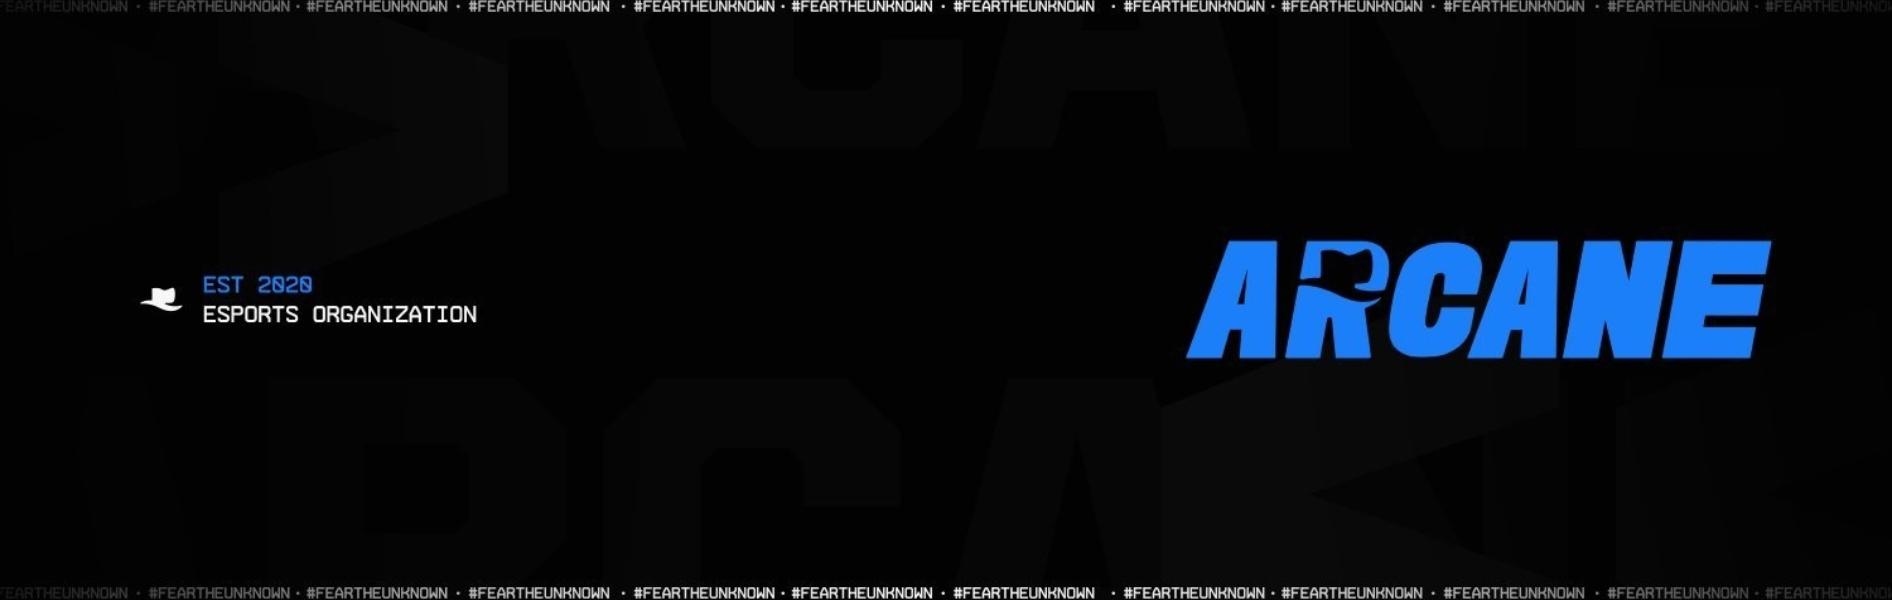 Team Arcane Banner